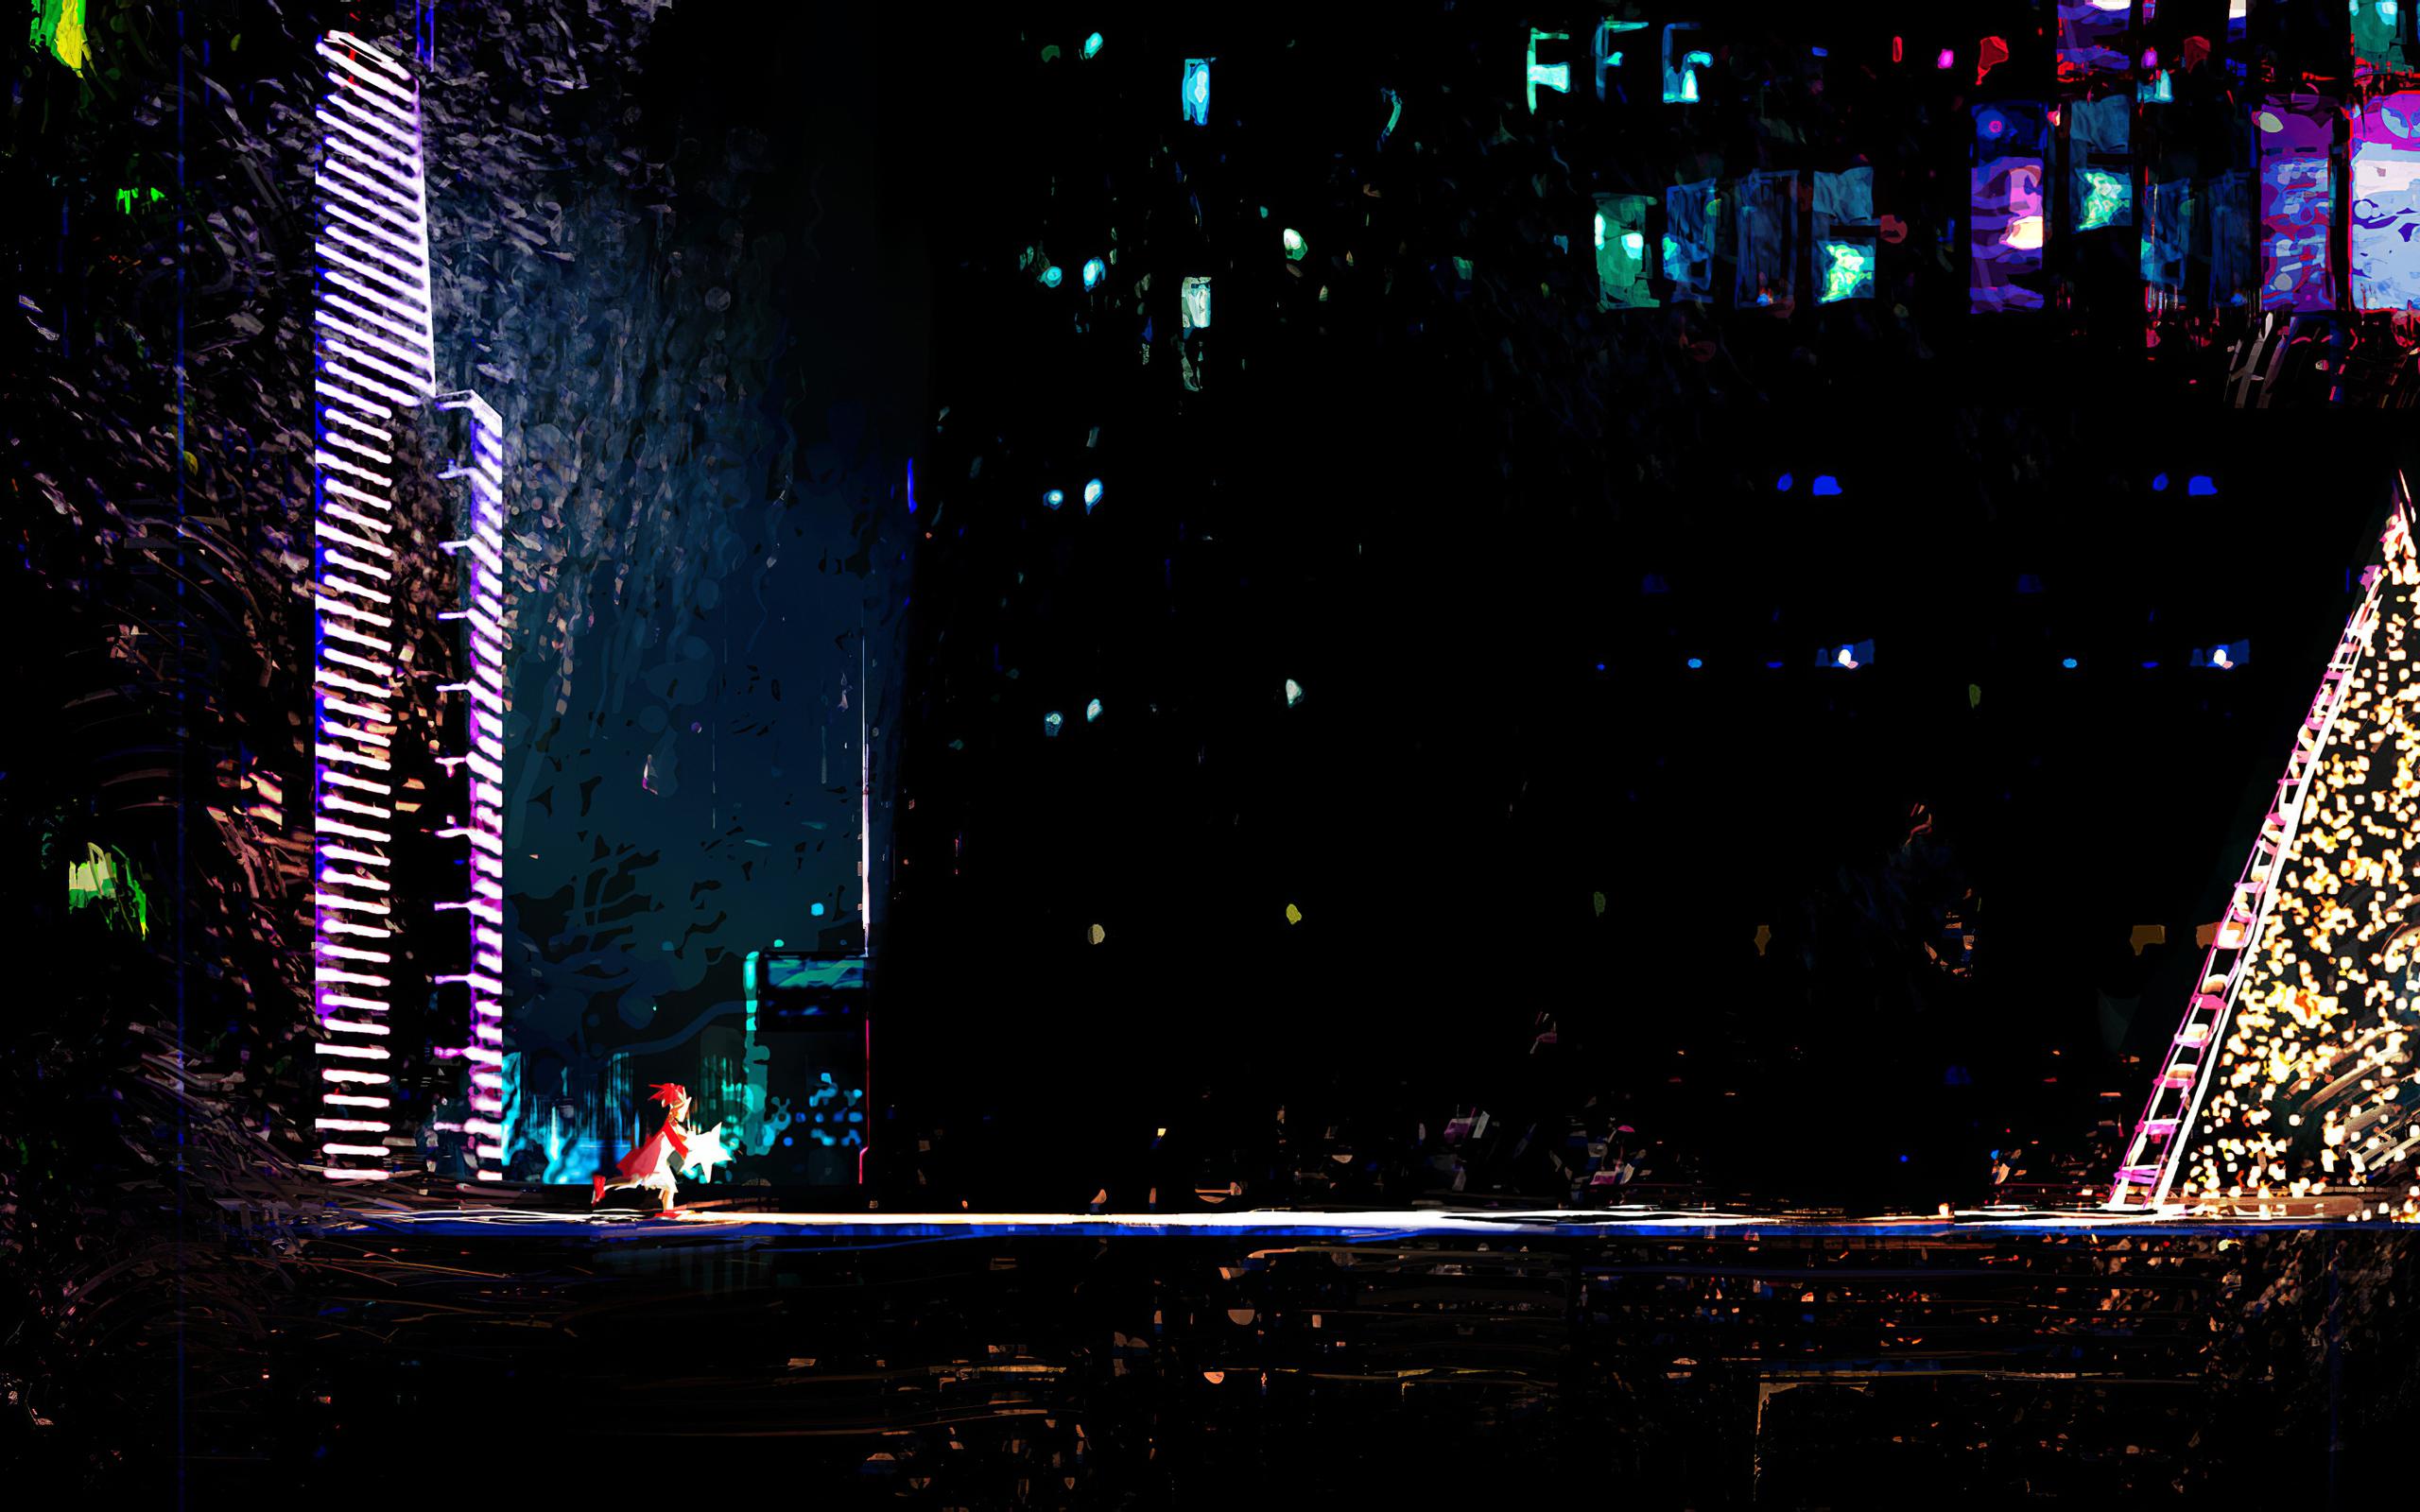 christmas-2020-celebrations-digital-art-4k-bo.jpg